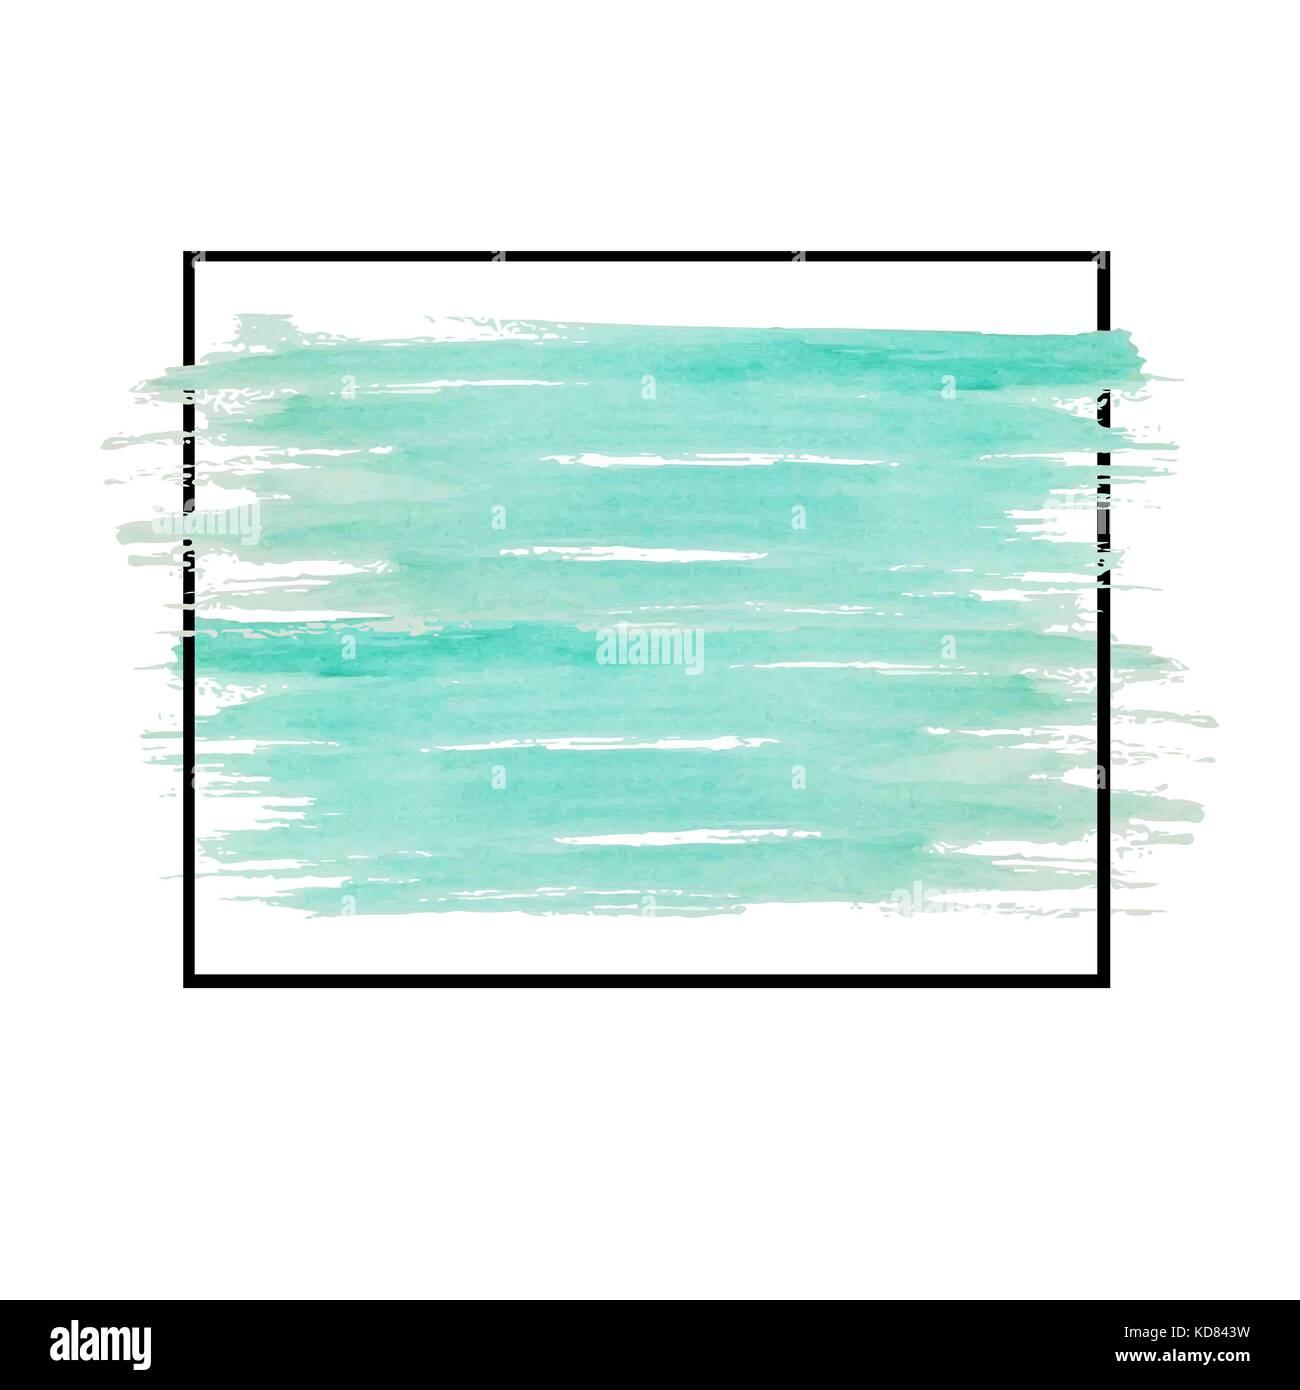 La couleur de l'eau verte dans cadre noir sur blanc Banque D'Images